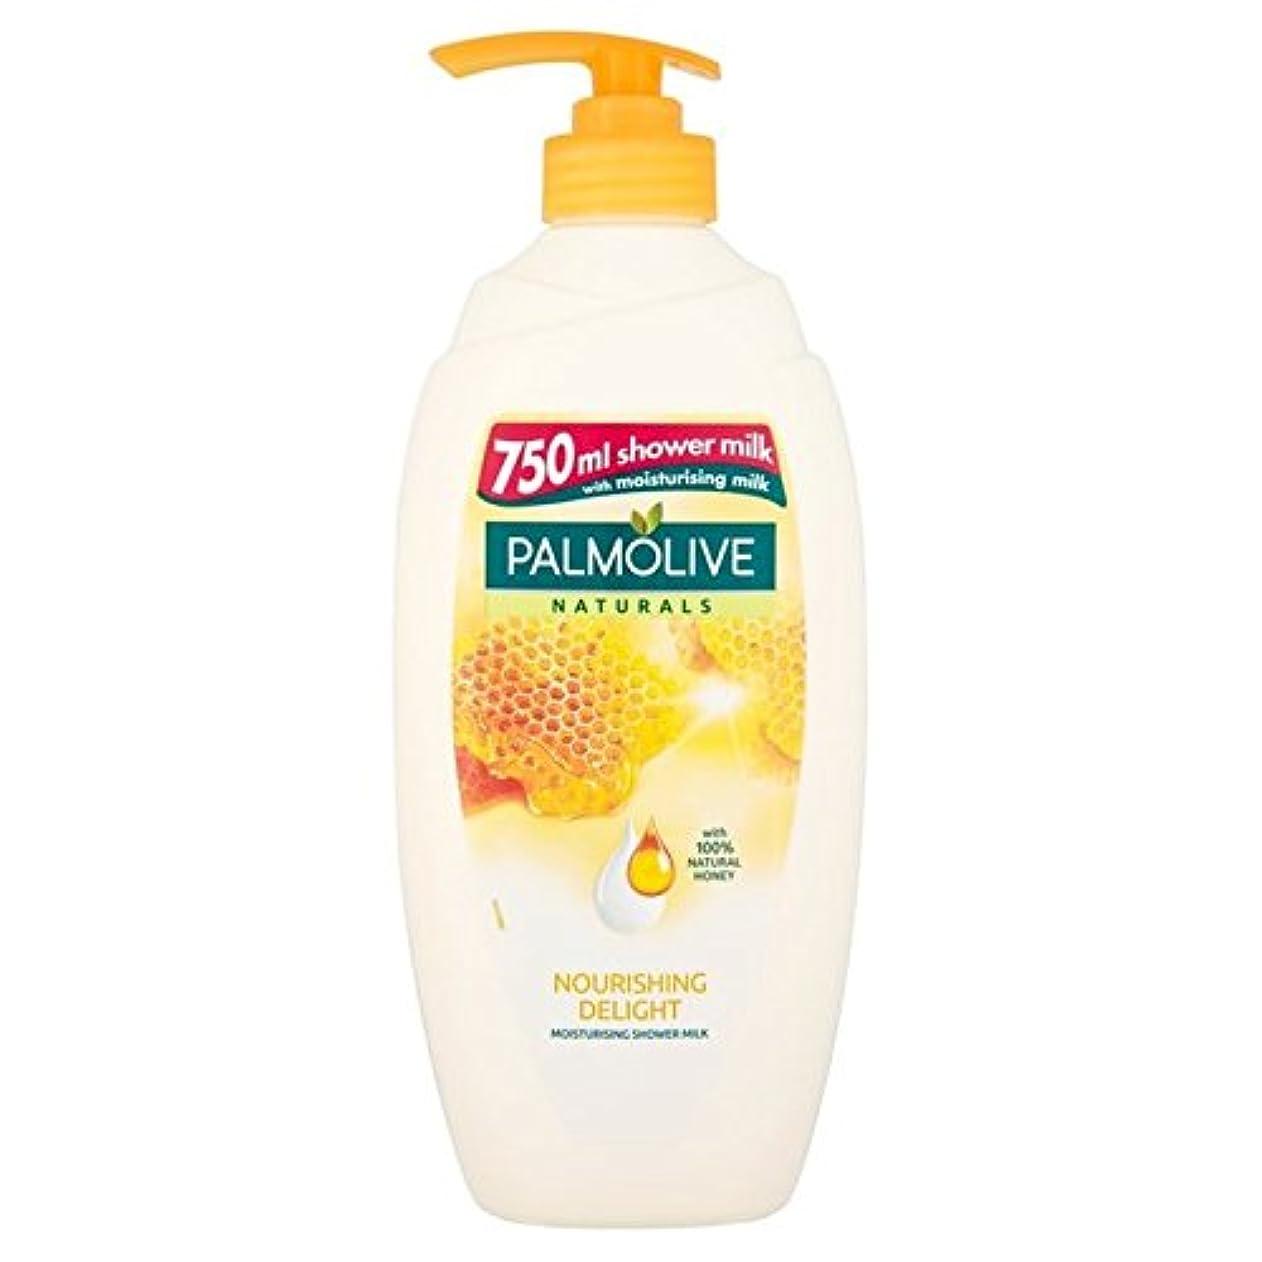 冗長郵便番号プリーツPalmolive Naturals Nourishing Shower Naturals Milk with Honey 750ml - 蜂蜜の750ミリリットルとシャワーナチュラルミルク栄養パルモライブナチュラル [...